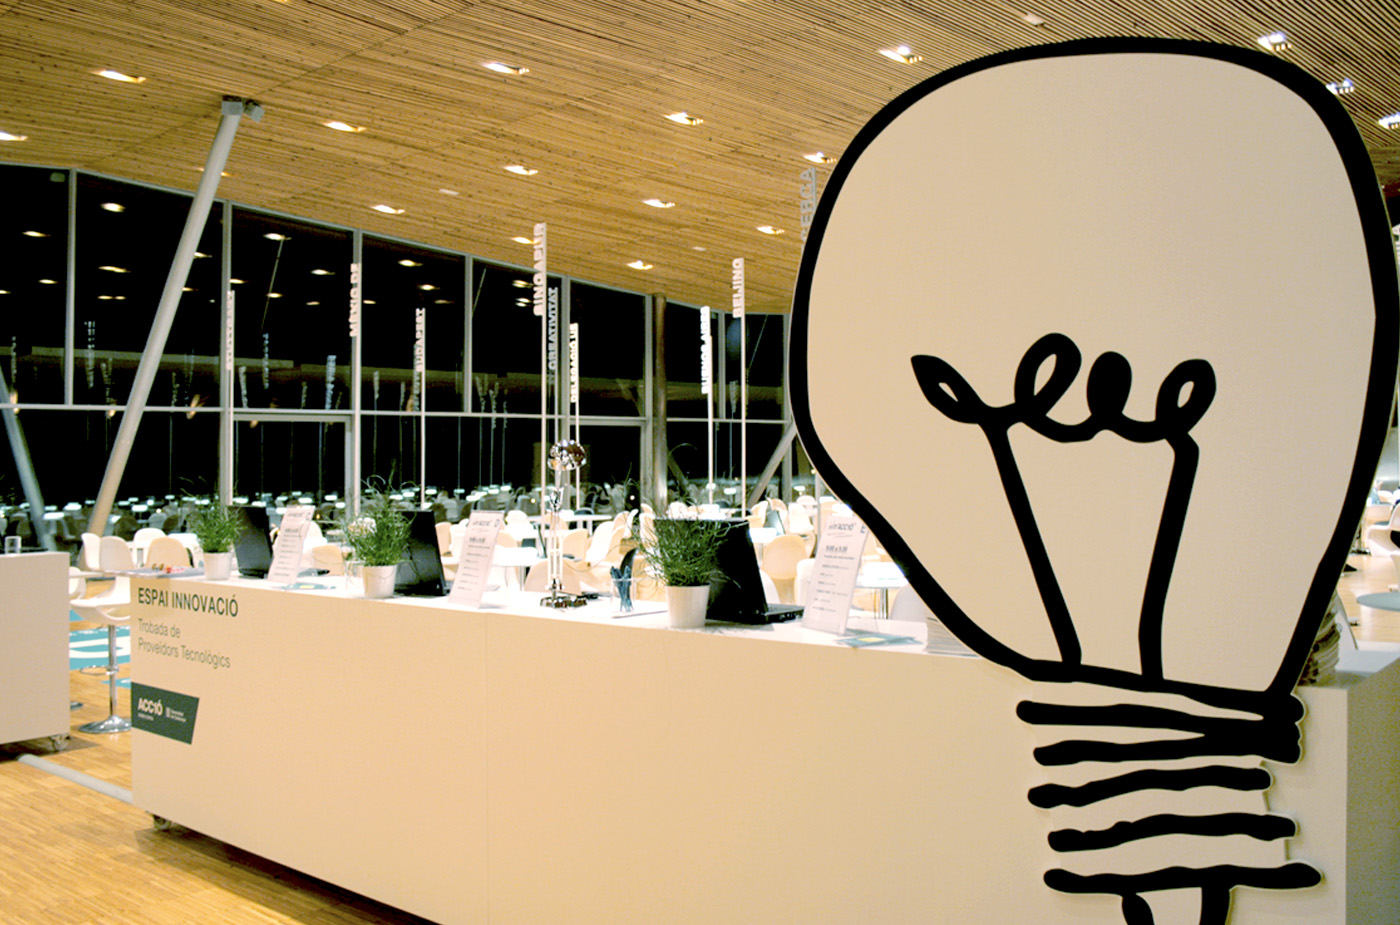 04-ACC10-interaccio-creartiva-stand-espai-evemnto-feria-expo